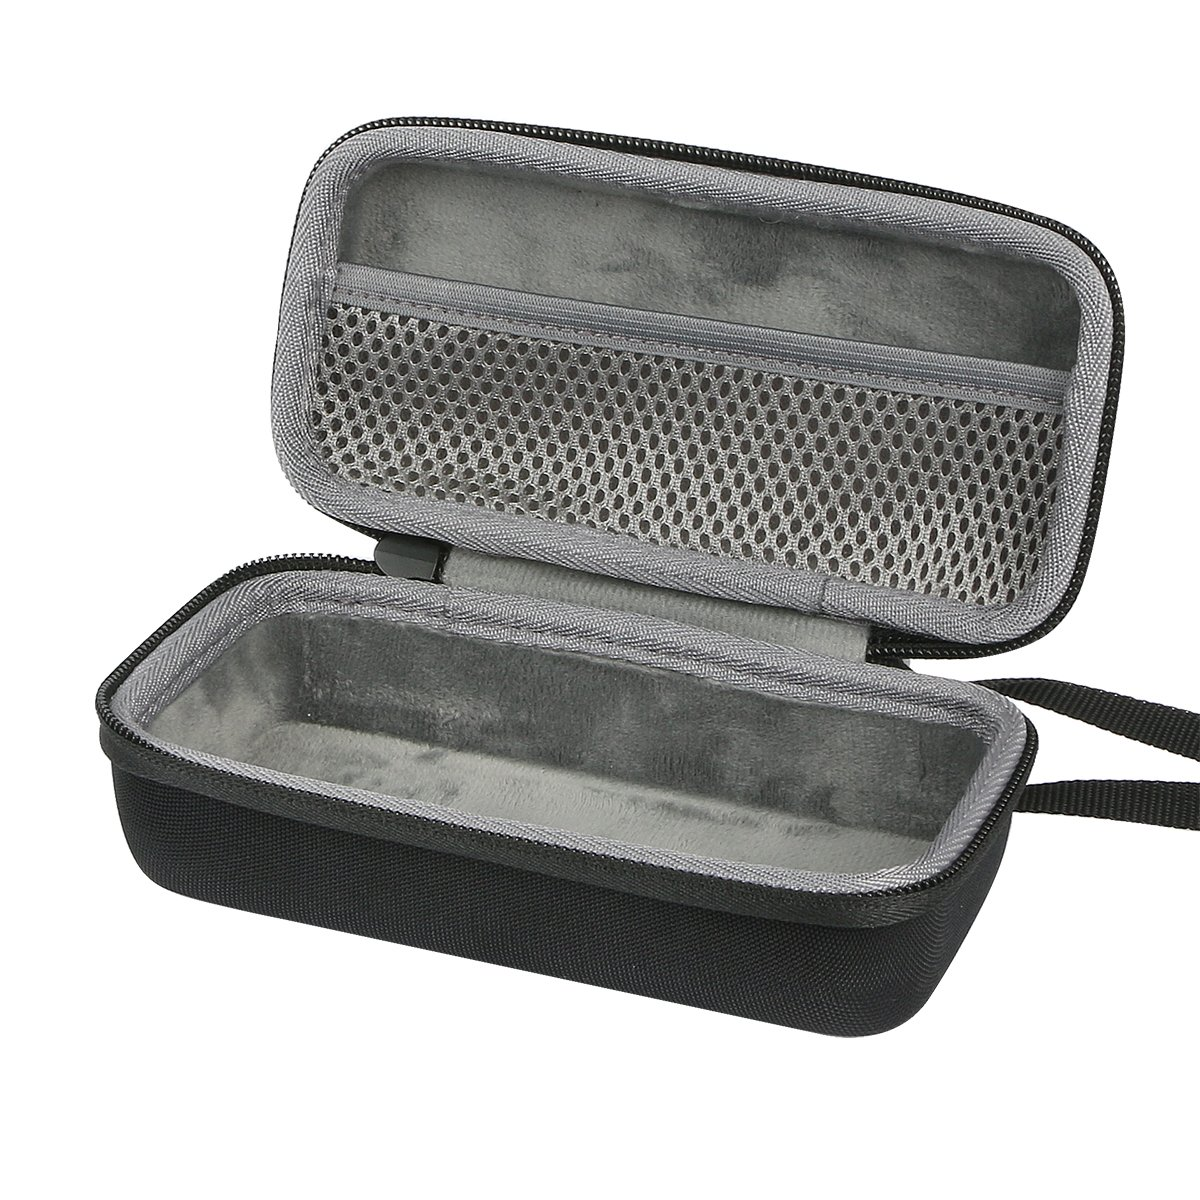 CO2CREA Hard Case for QardioArm Wireless Blood Pressure Monitor